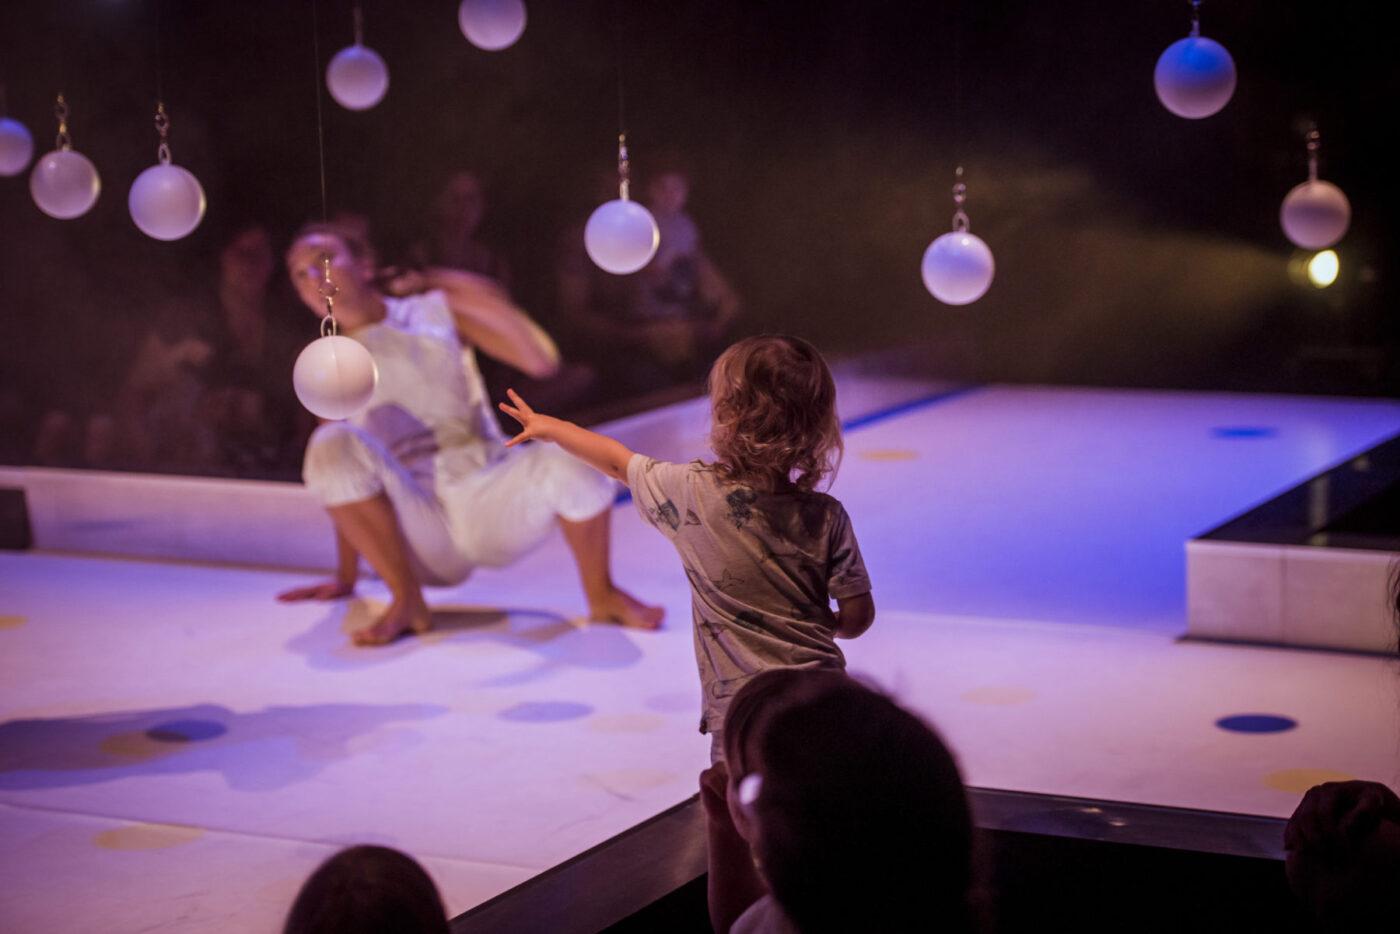 La petita malumaluma, la luna en un cazo, espectáculo en el teatro de Aracena, diversión, música en directo, danza dirigida al público infantil